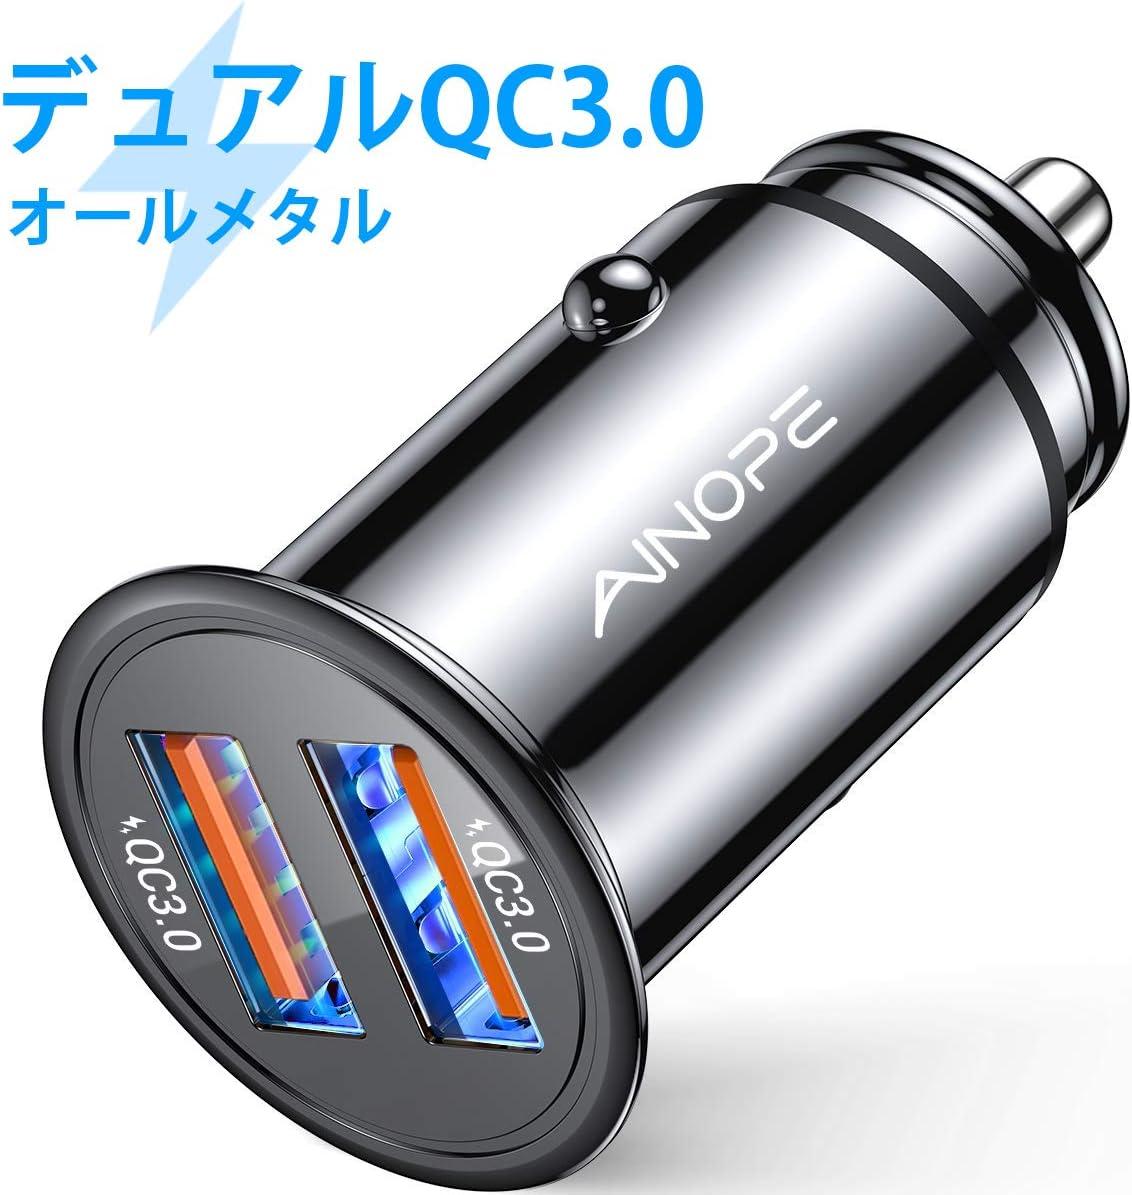 AINOPE シガーソケットusb, [デュアルQC3.0ポート] 36W/6A 超小型 [すべての金属] 高速車の充電器 車usb シガーソケット usb 急速充電 に iPhone 11 Pro Max/XR/X, iPad Air 2/Mini, Note 10 9/Galaxy S10/S9/S8, IQOS/glo 対応 ? ブラック